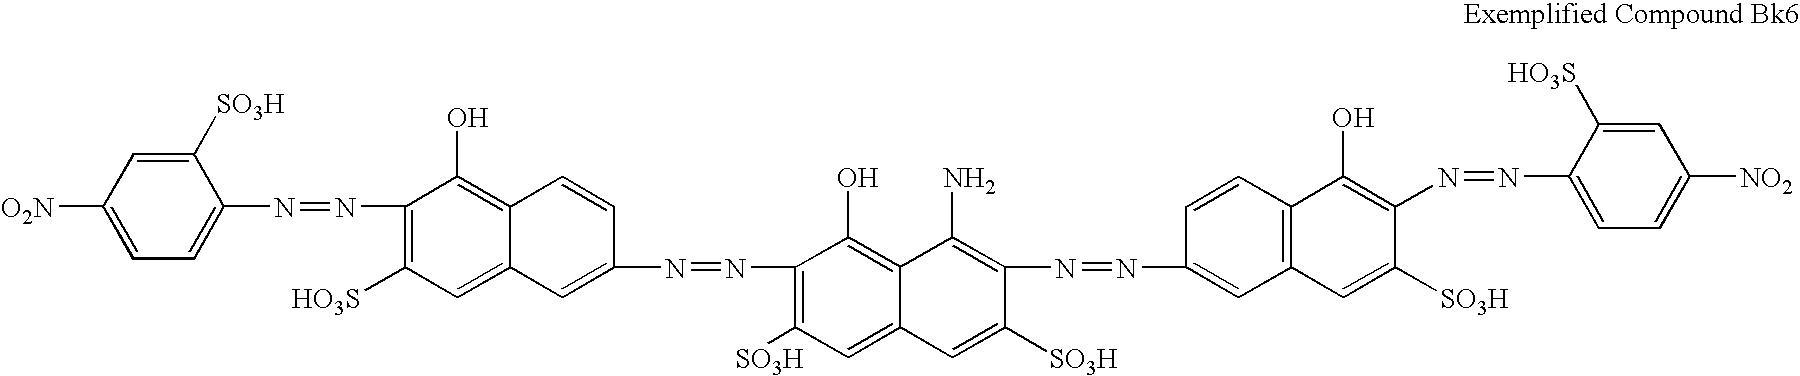 Figure US20070109372A1-20070517-C00011